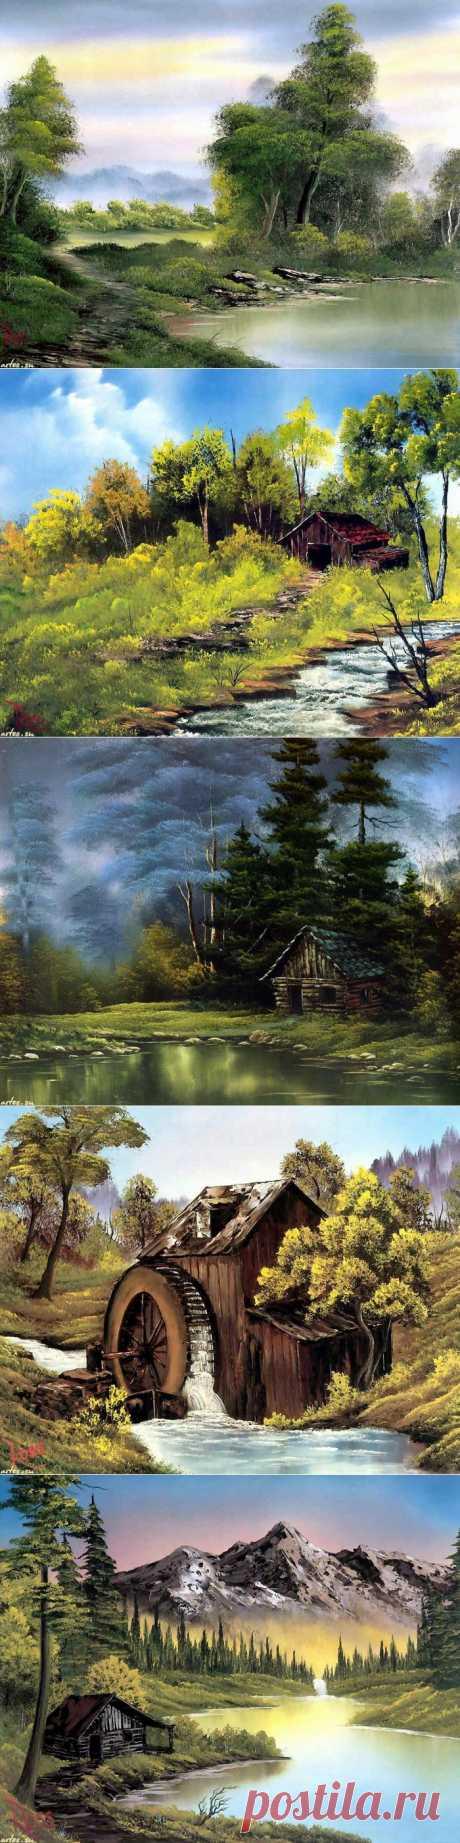 Природа от американского живописца Robert Norman Ross.